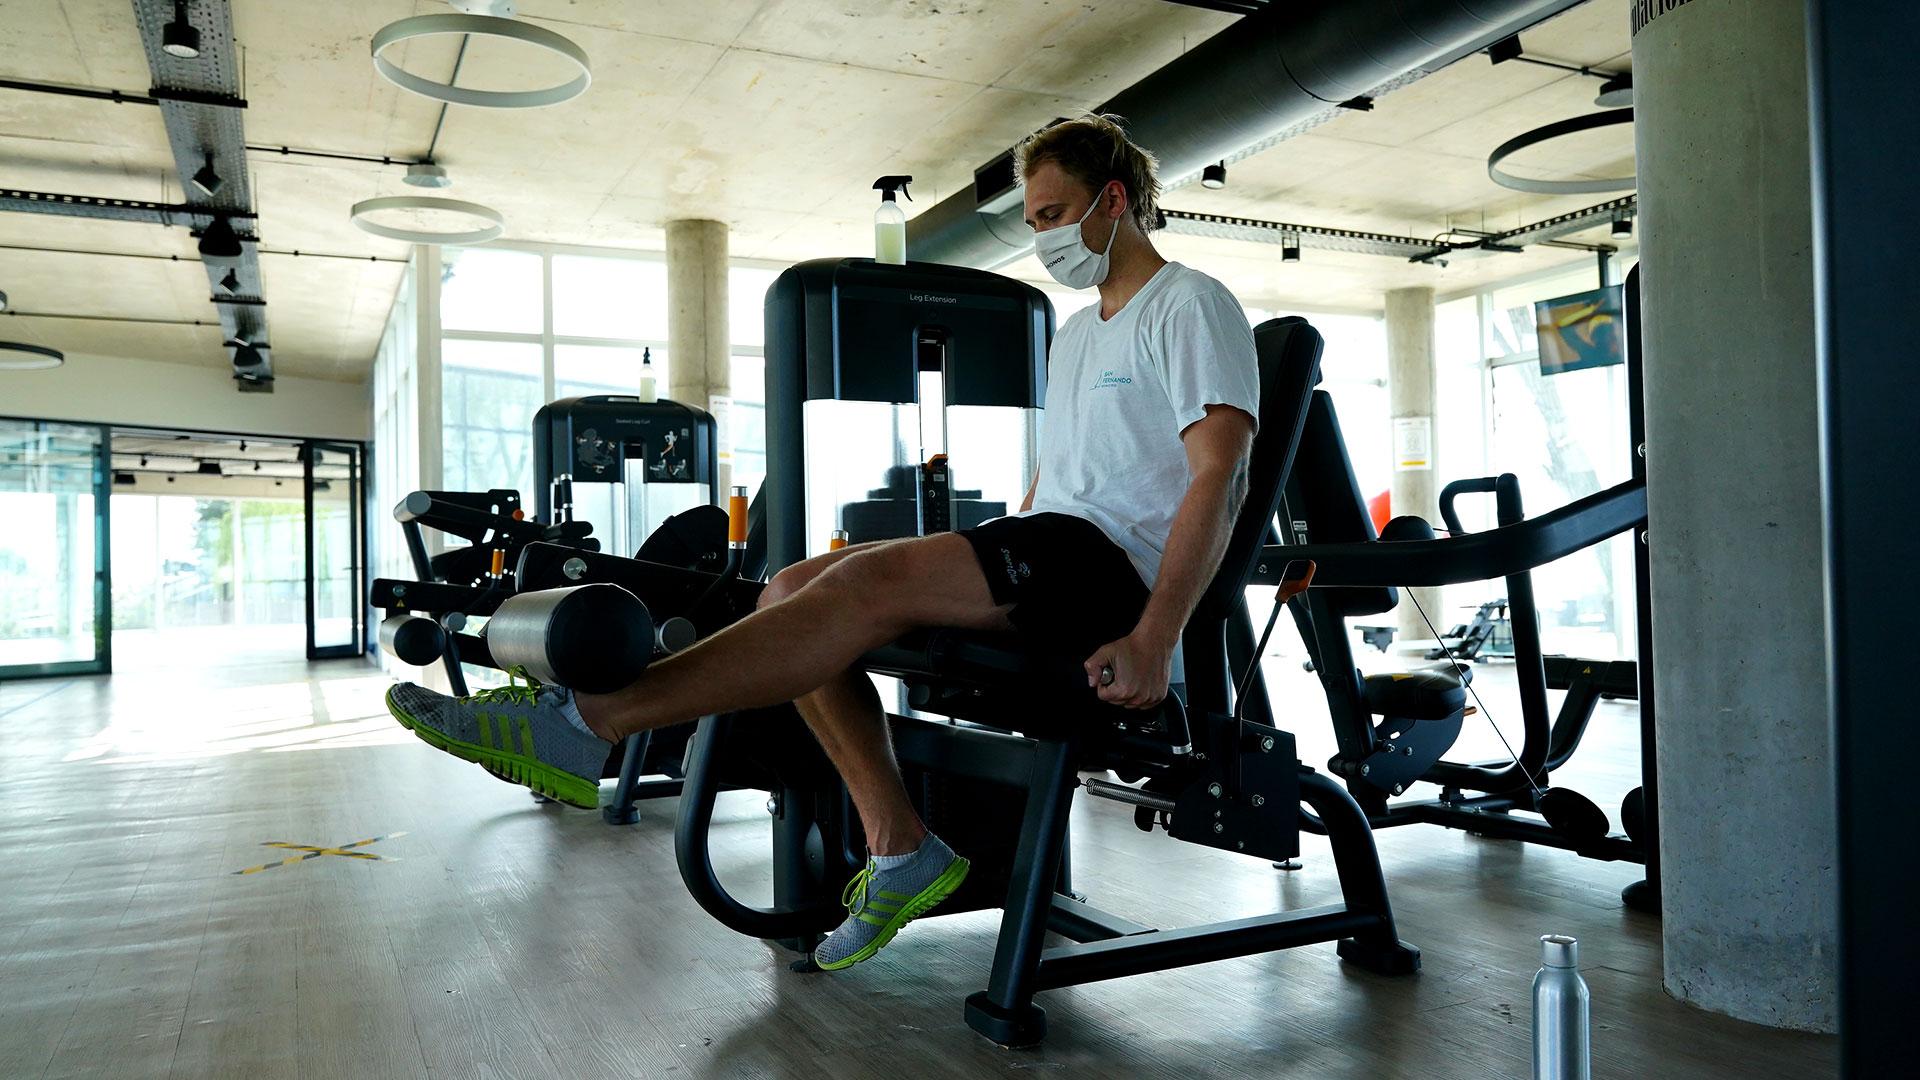 El protocolo establece requisitos específicos para los asistentes y para los gimnasios.